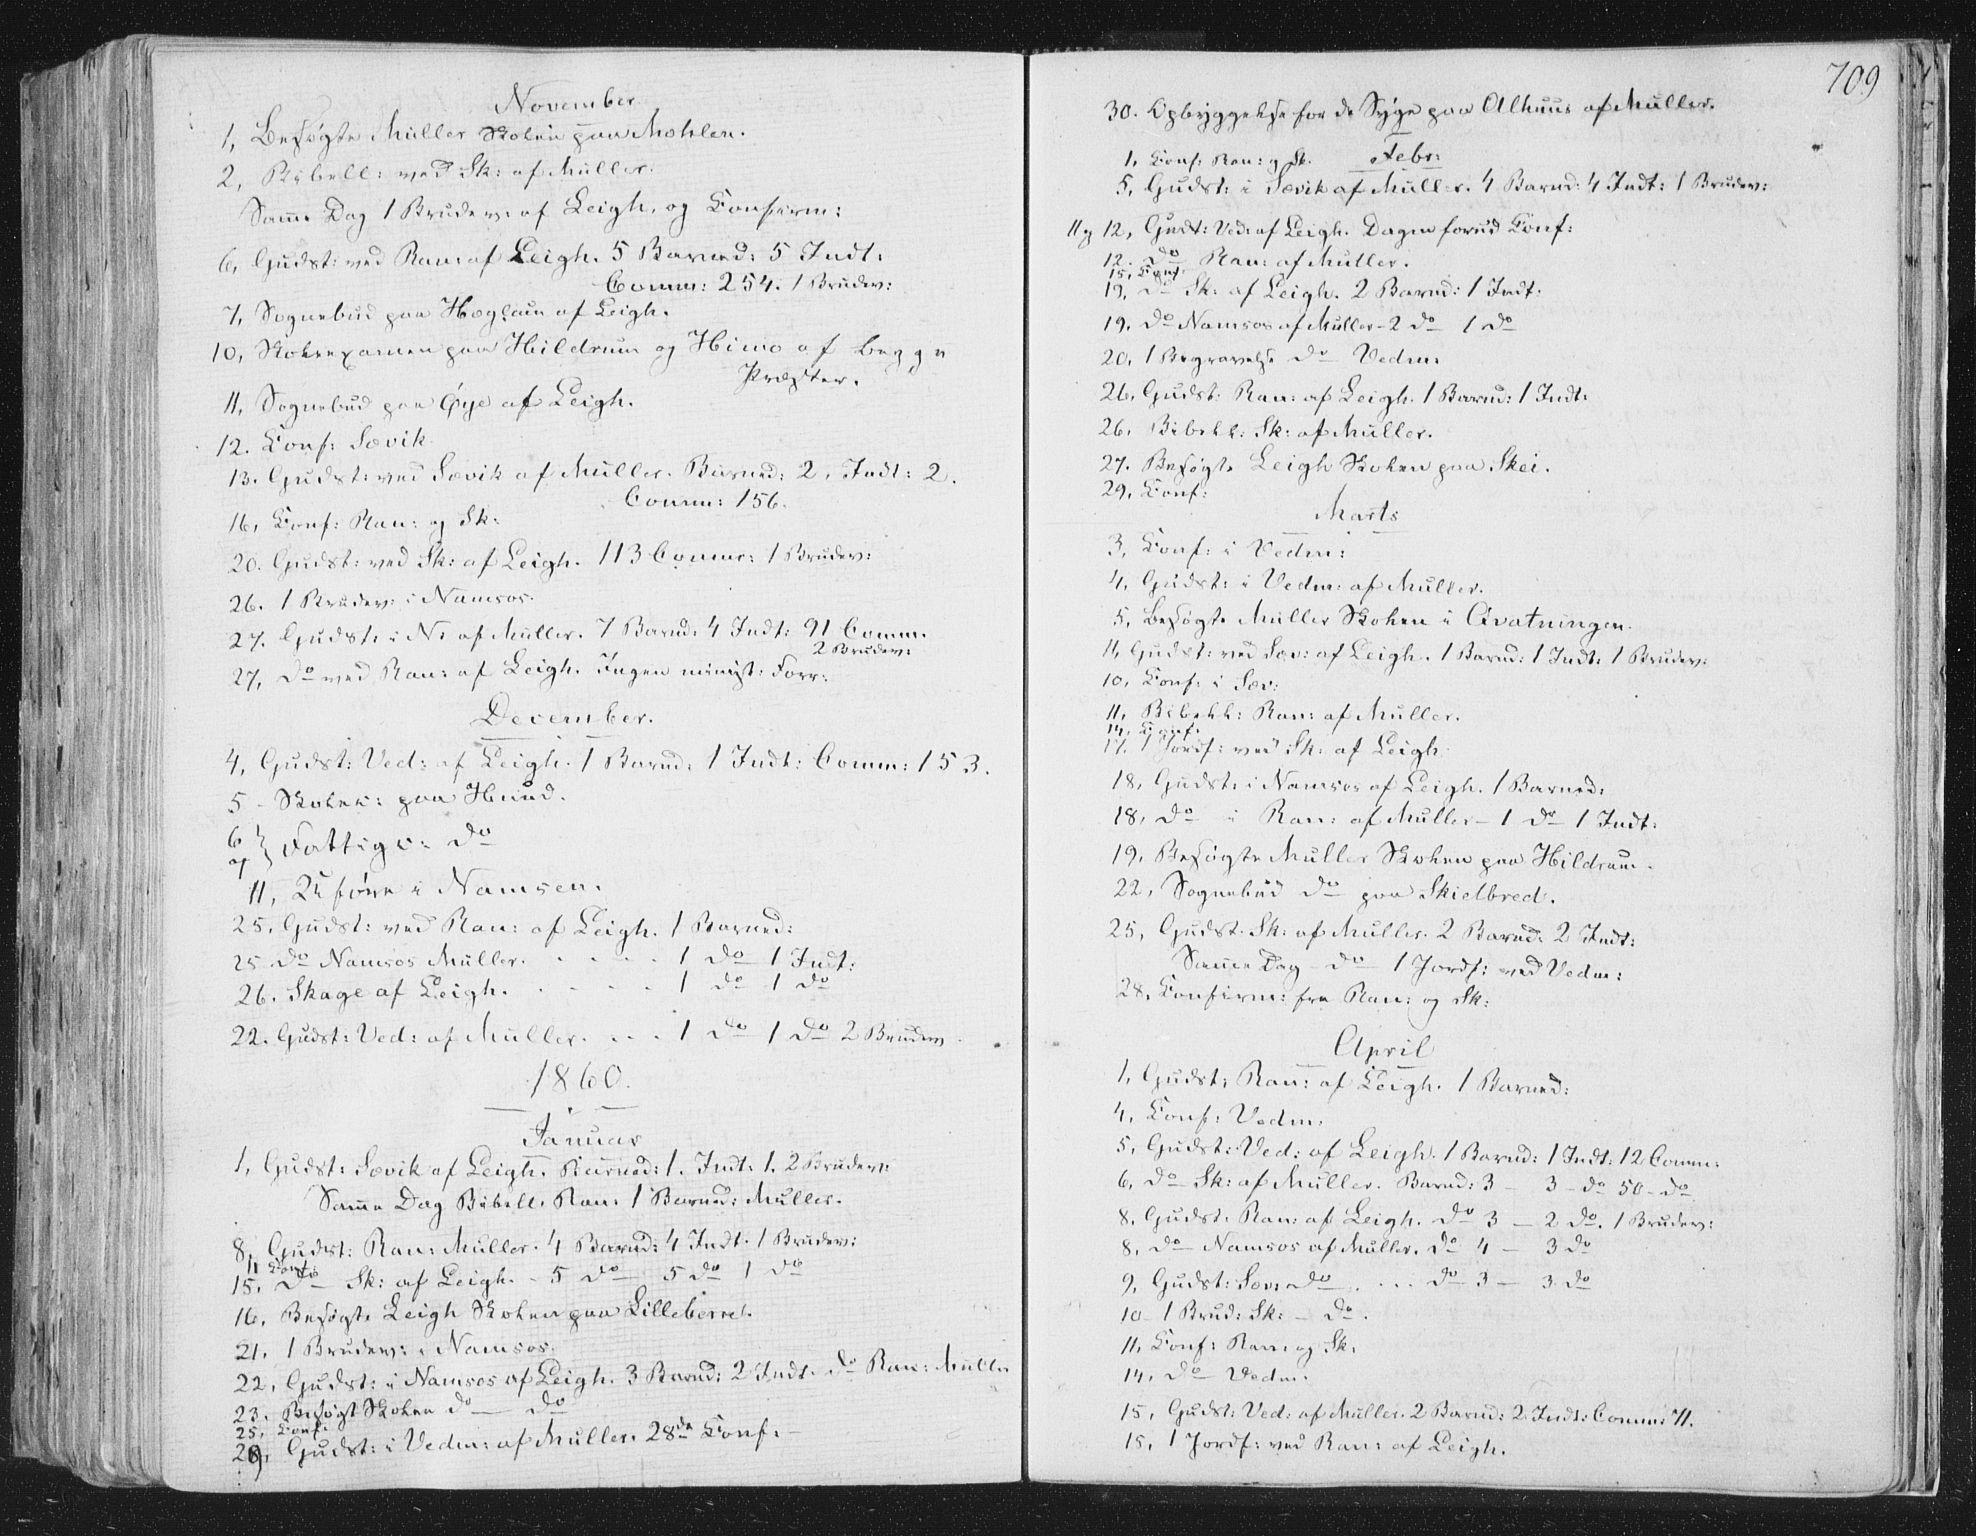 SAT, Ministerialprotokoller, klokkerbøker og fødselsregistre - Nord-Trøndelag, 764/L0552: Ministerialbok nr. 764A07b, 1824-1865, s. 709